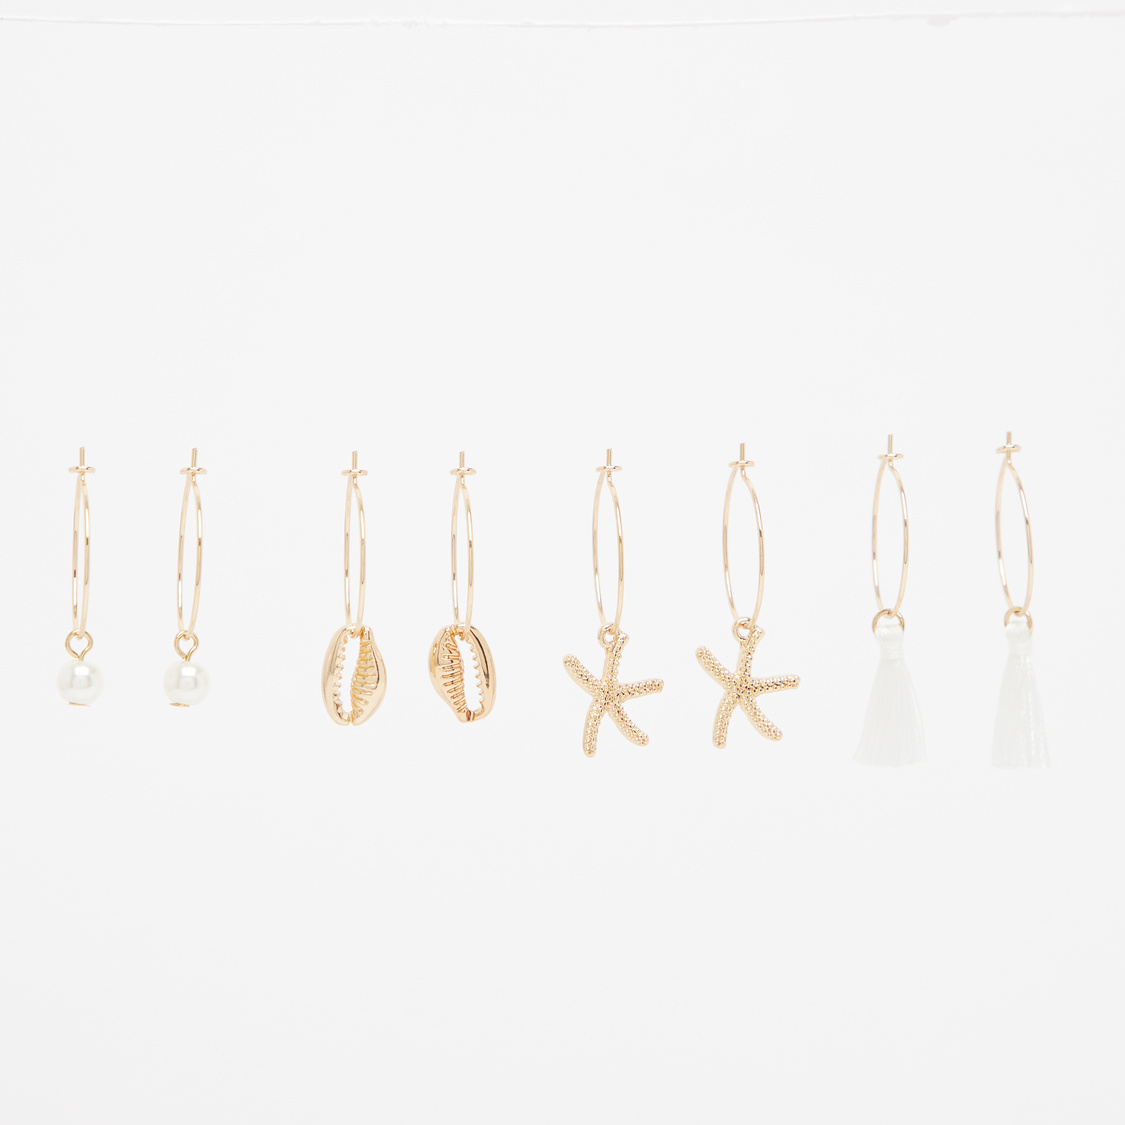 Set of 4 - Assorted Hoop Earrings